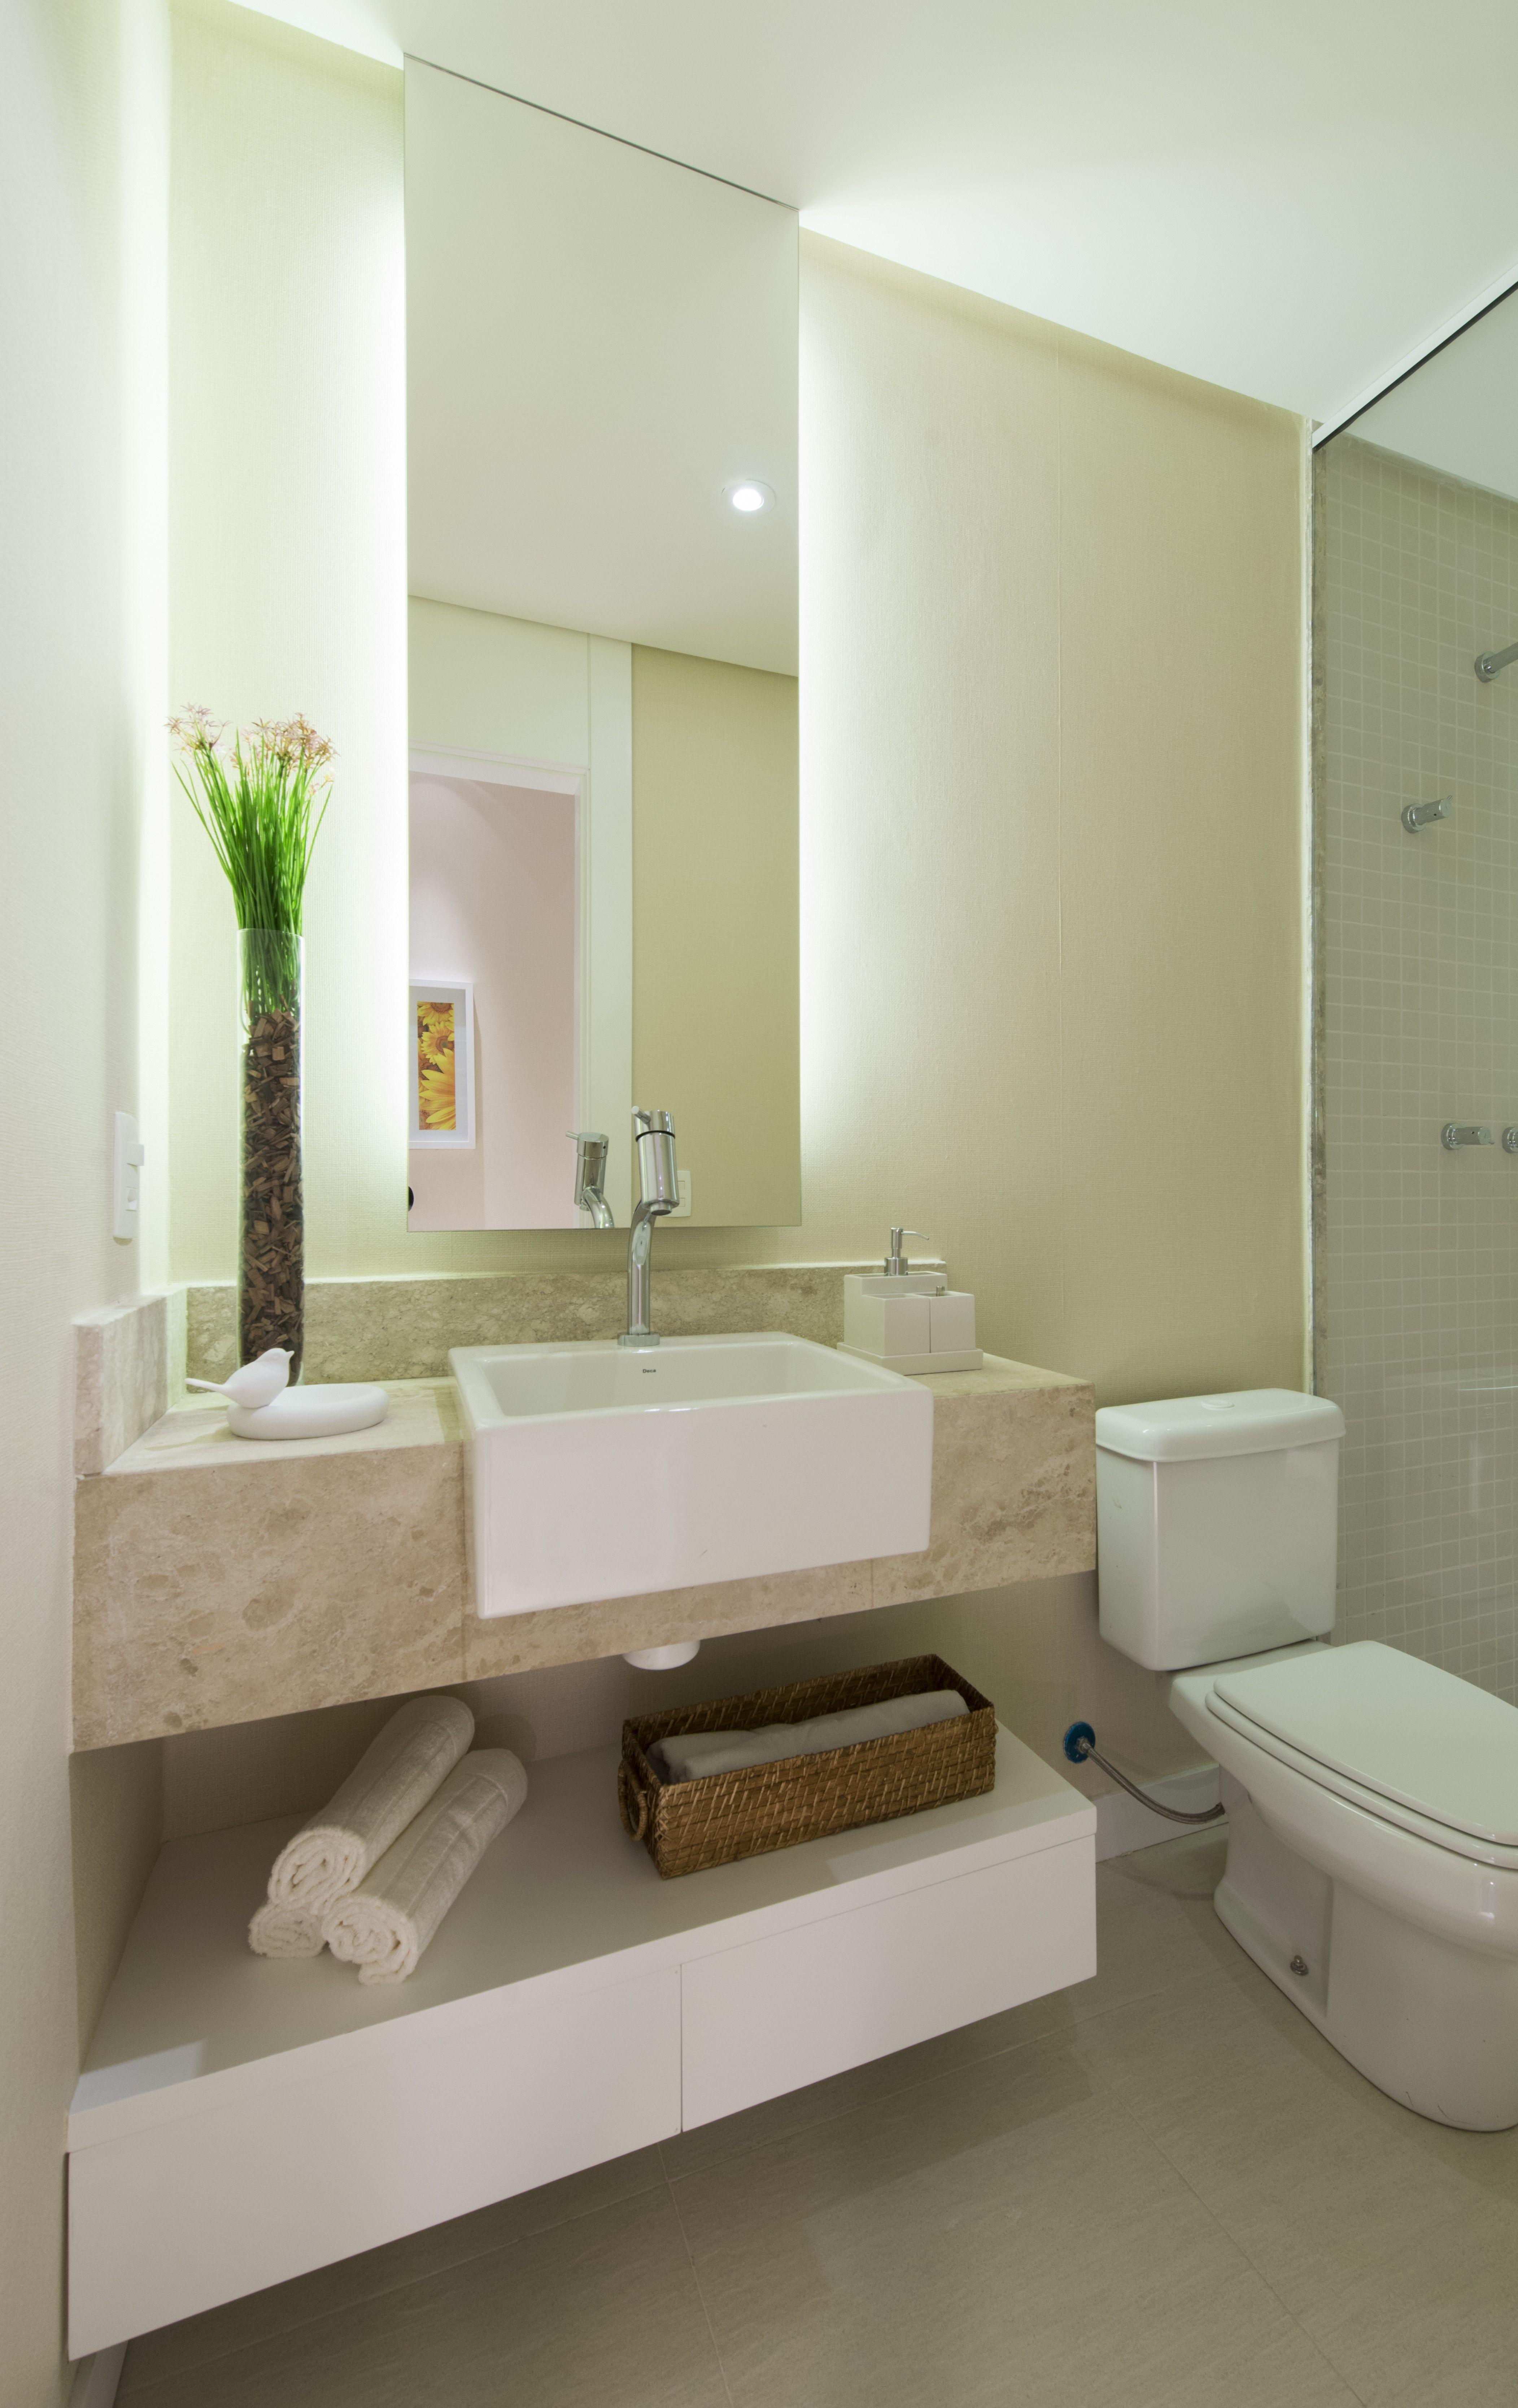 Banheiro decorado do quarto da filha. Cyrela La Plage Vila Velha  #6B9932 4206x6672 Banheiro Com Banheira Decorado